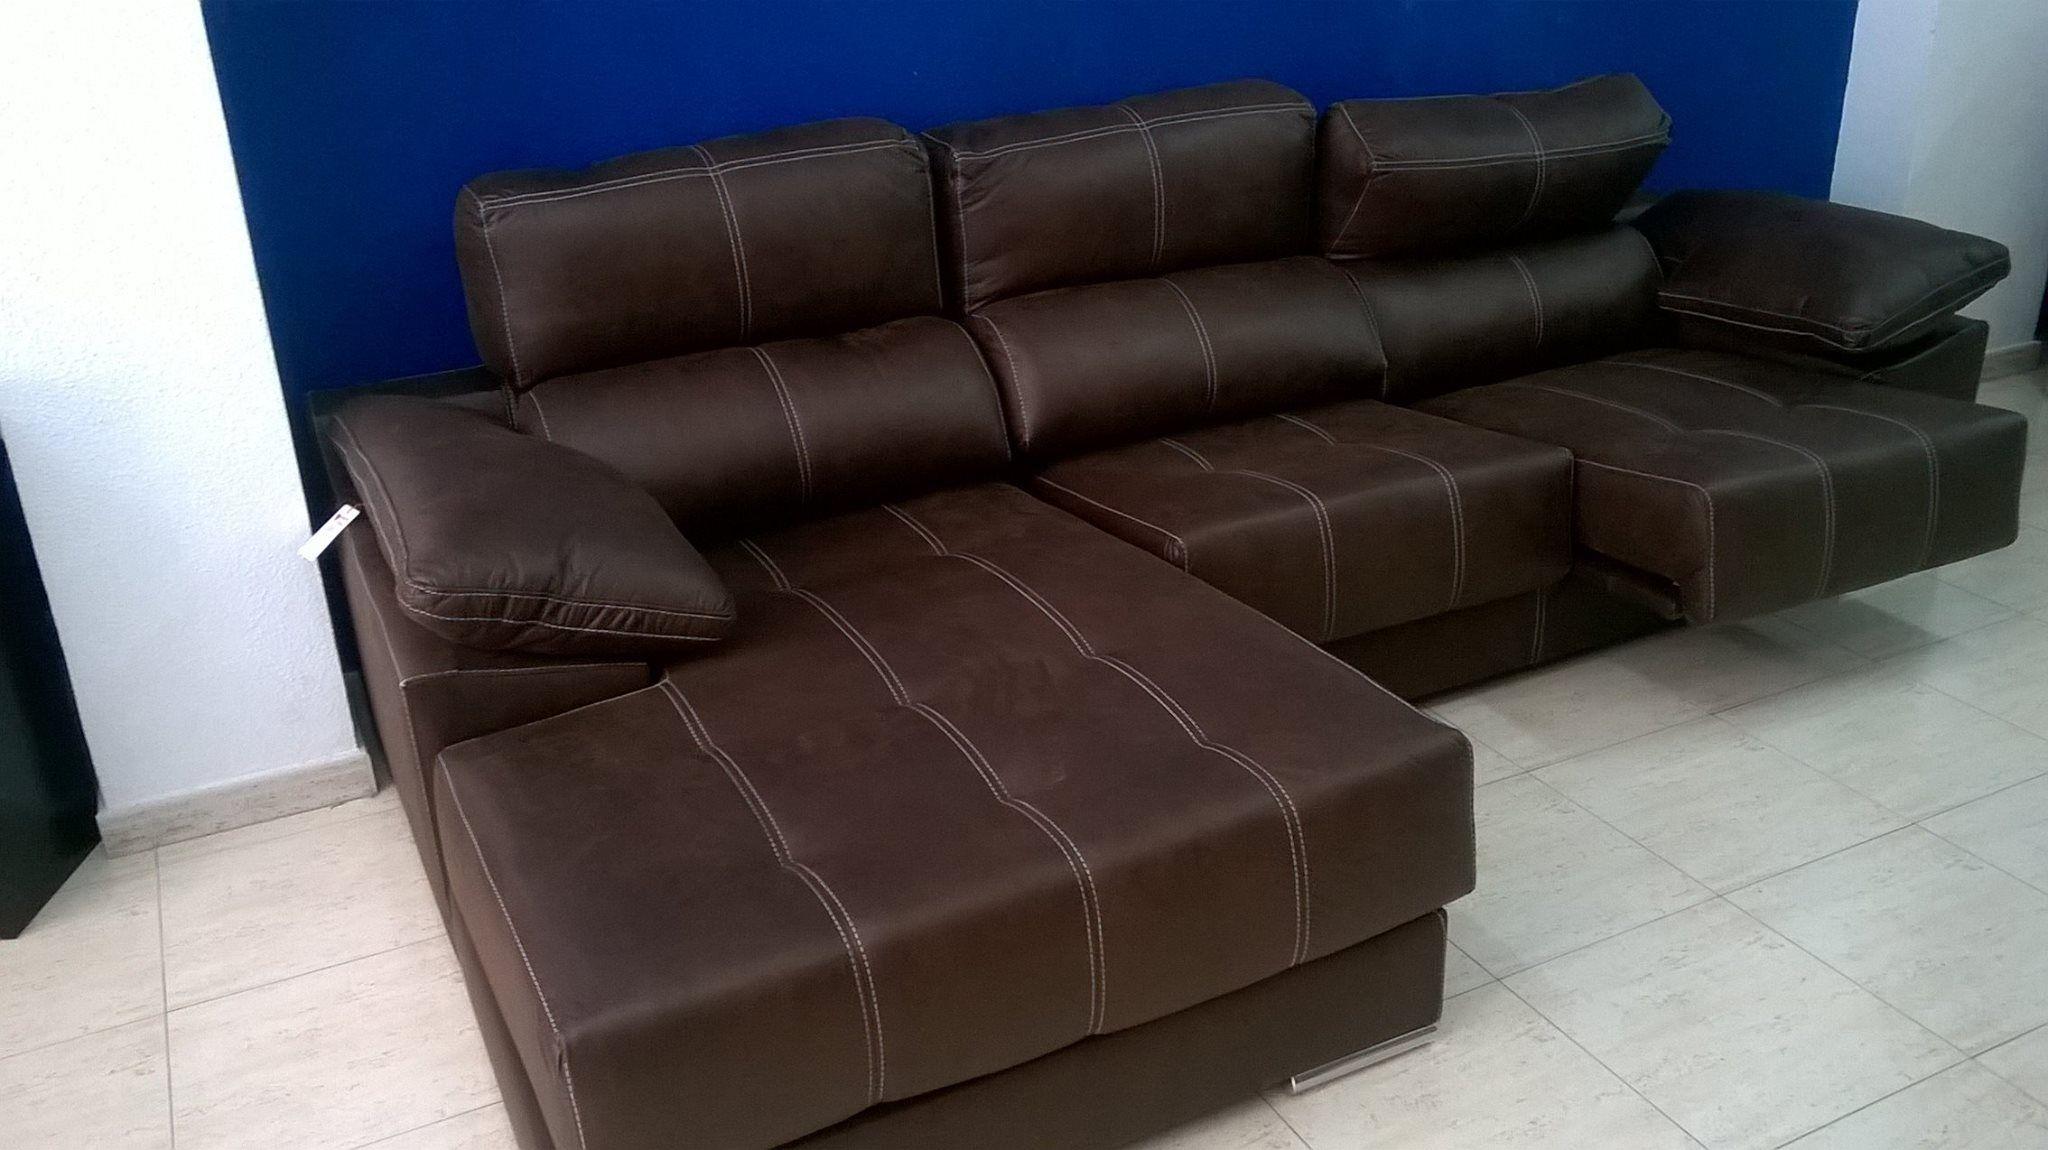 Tienda de sofás en Callosa de Segura, Alicante